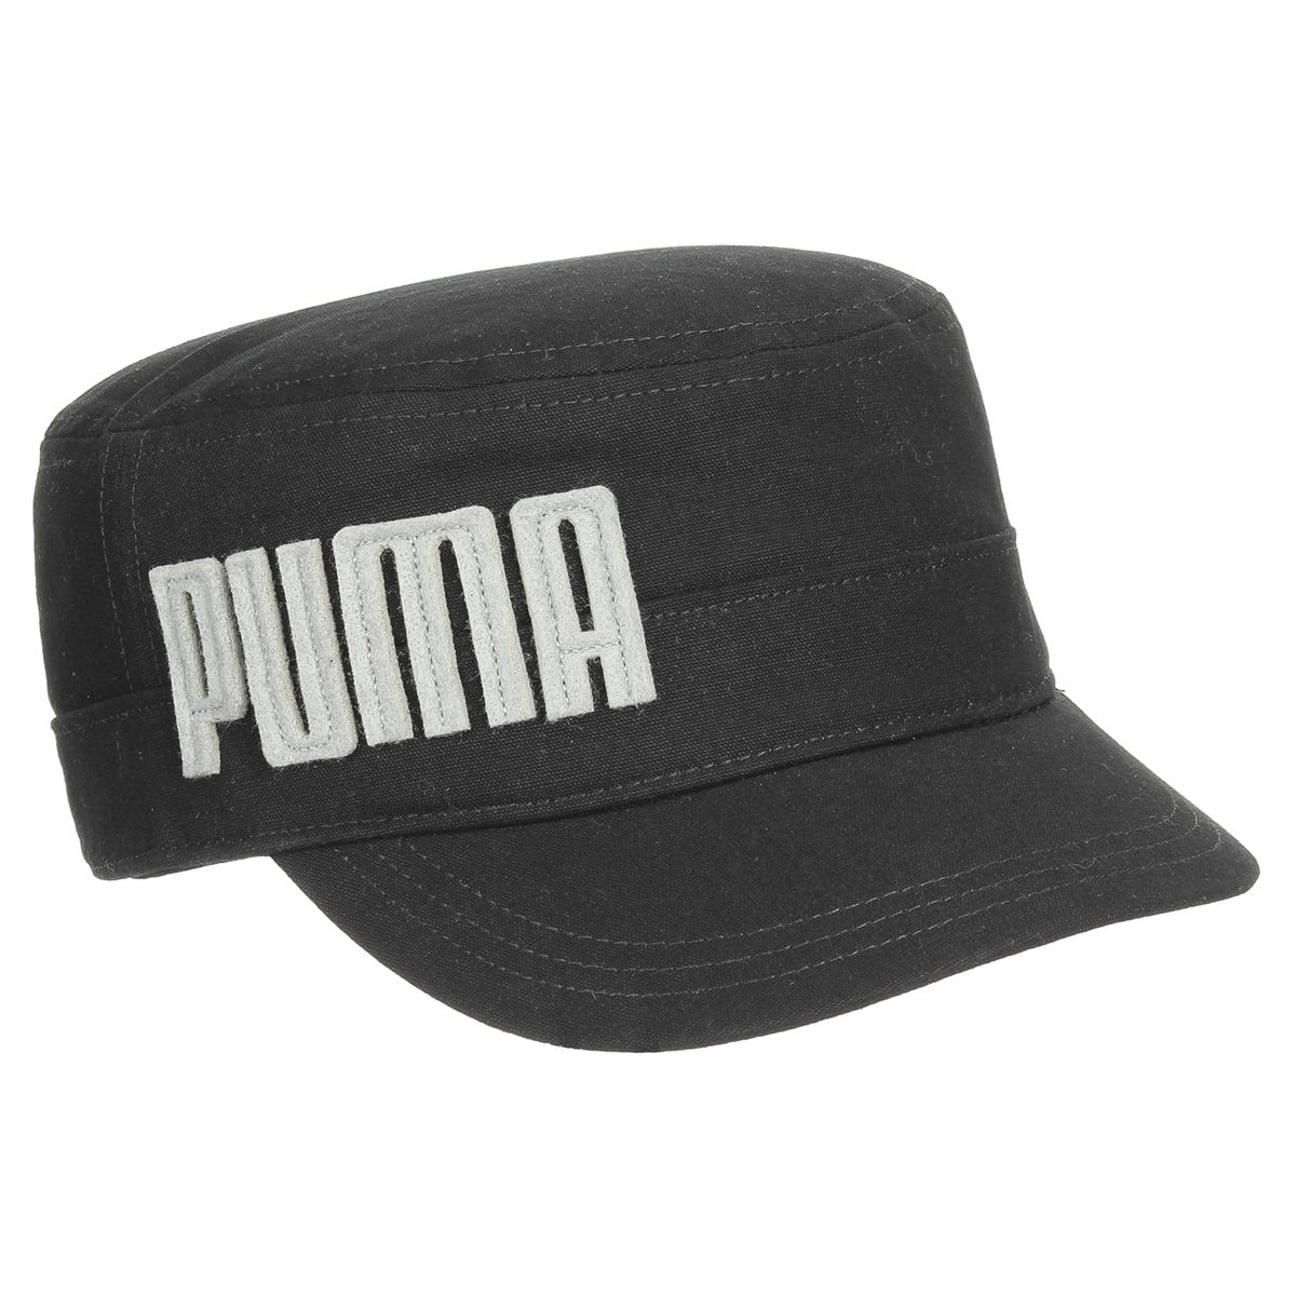 d89bdb5de37 ... Penham Armycap by PUMA - schwarz 1